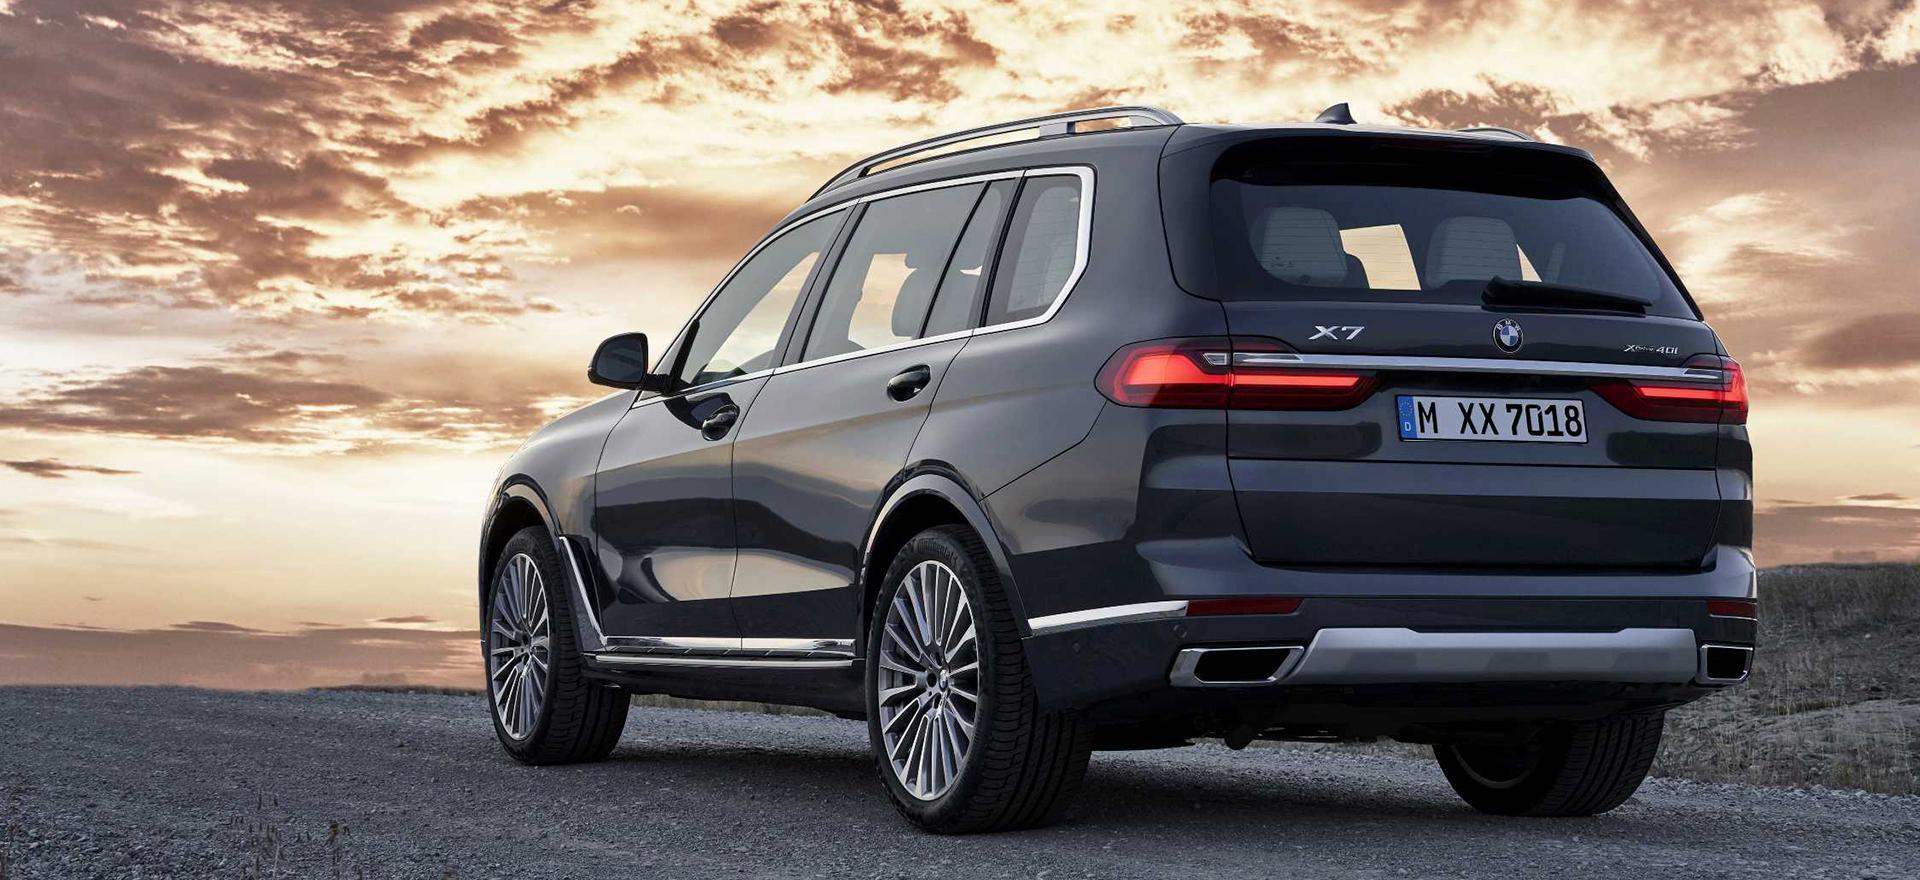 BMW создала предельно мощные модели кроссоверов X5 и X7